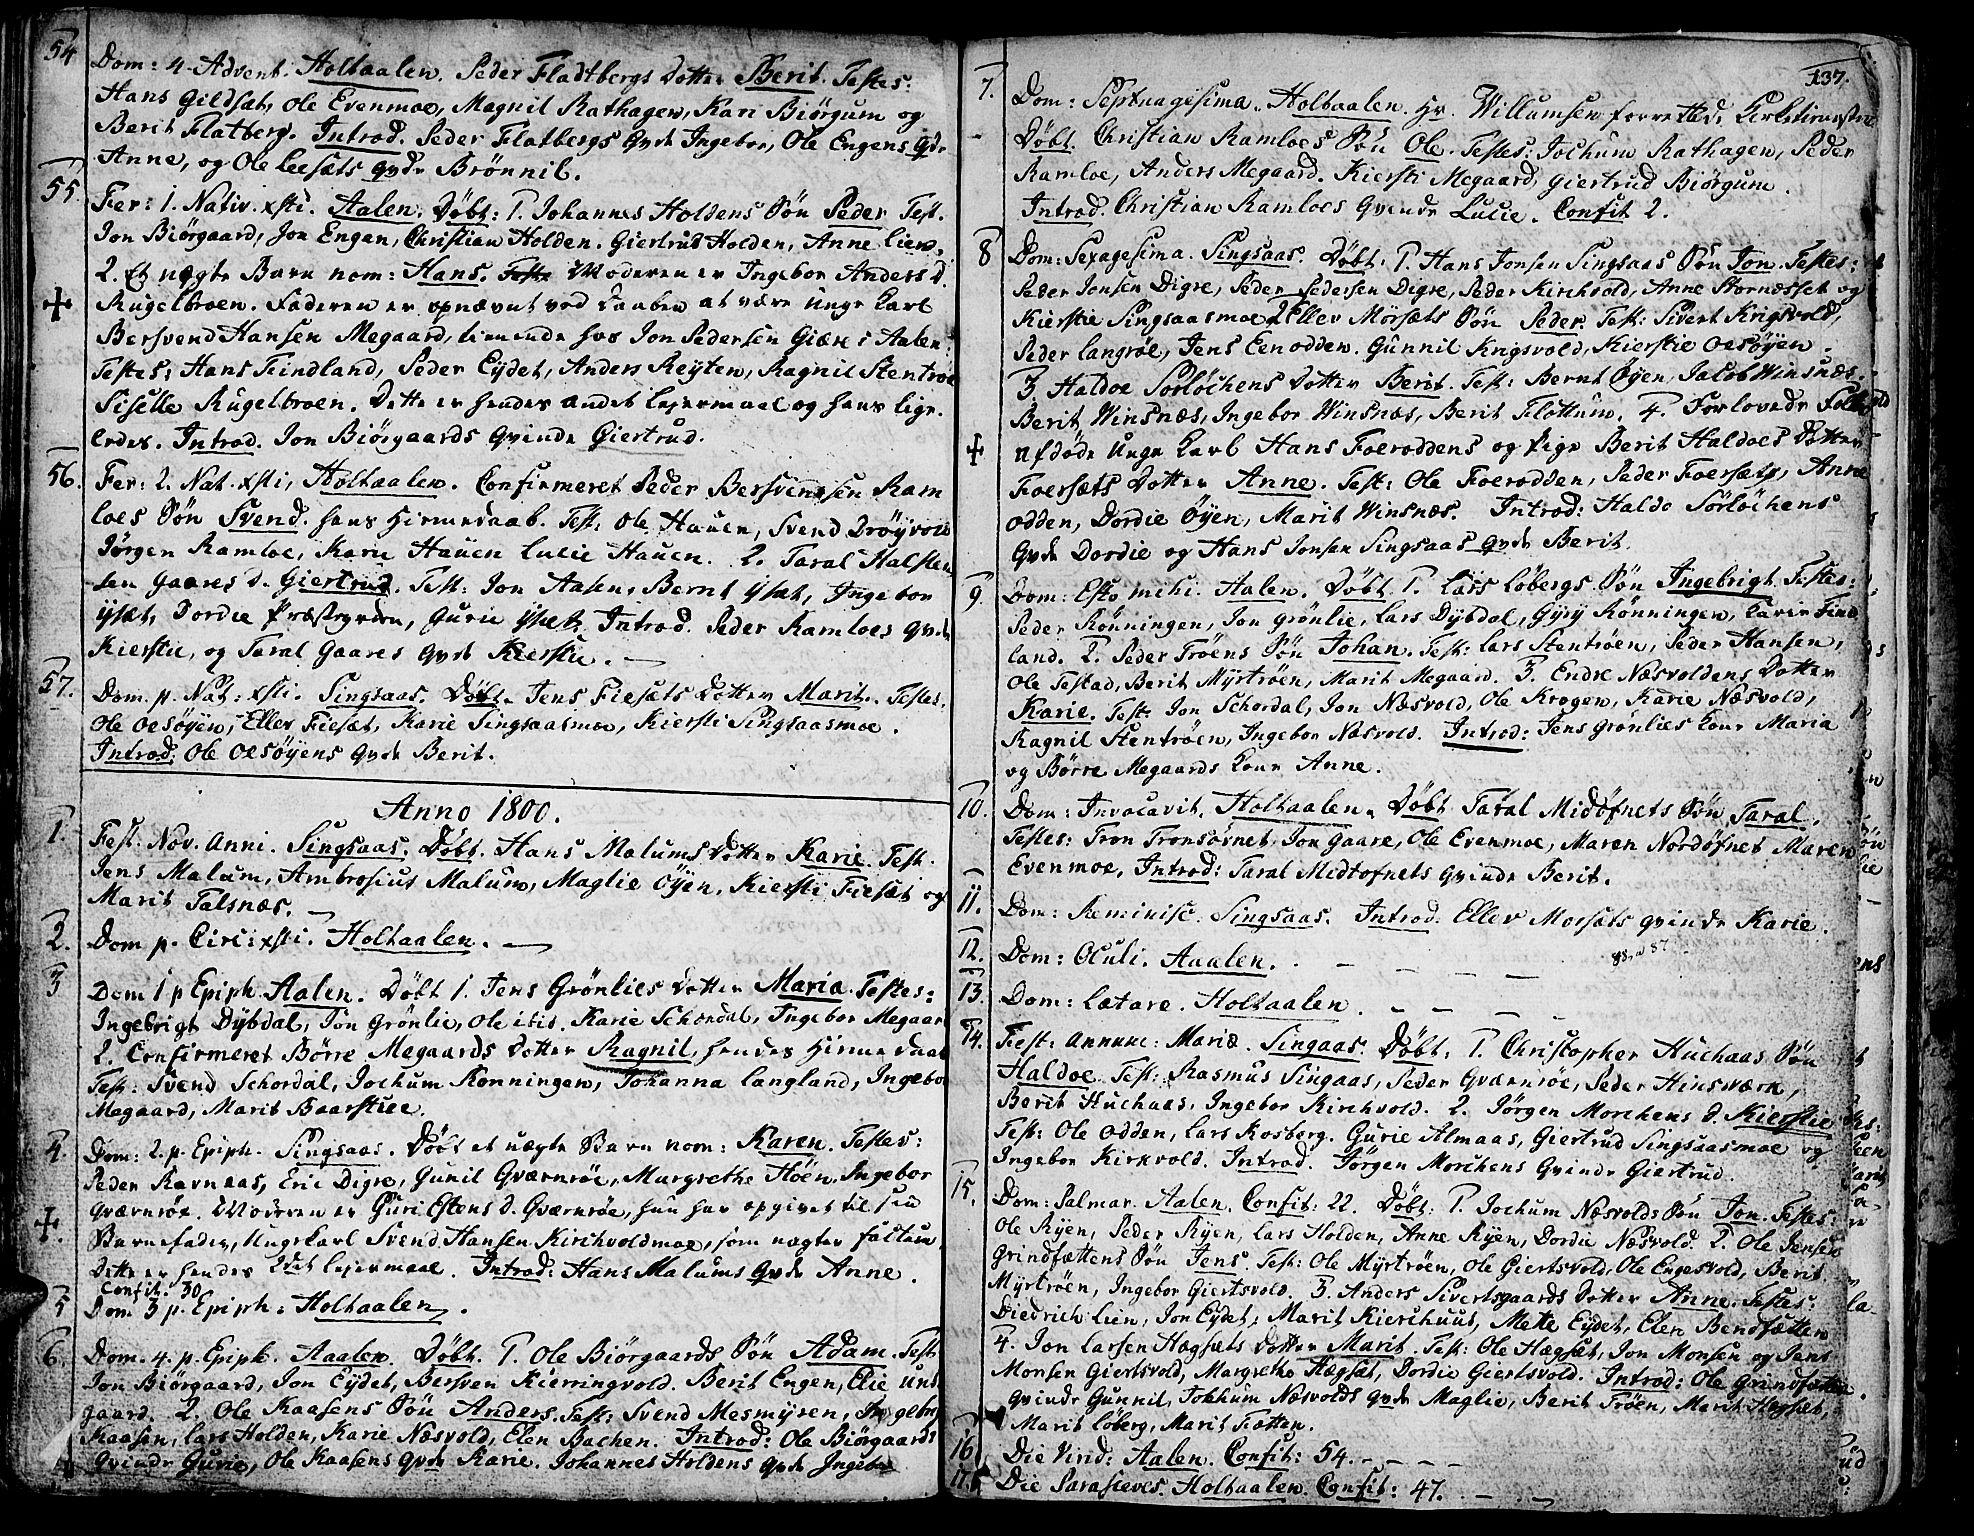 SAT, Ministerialprotokoller, klokkerbøker og fødselsregistre - Sør-Trøndelag, 685/L0952: Ministerialbok nr. 685A01, 1745-1804, s. 137